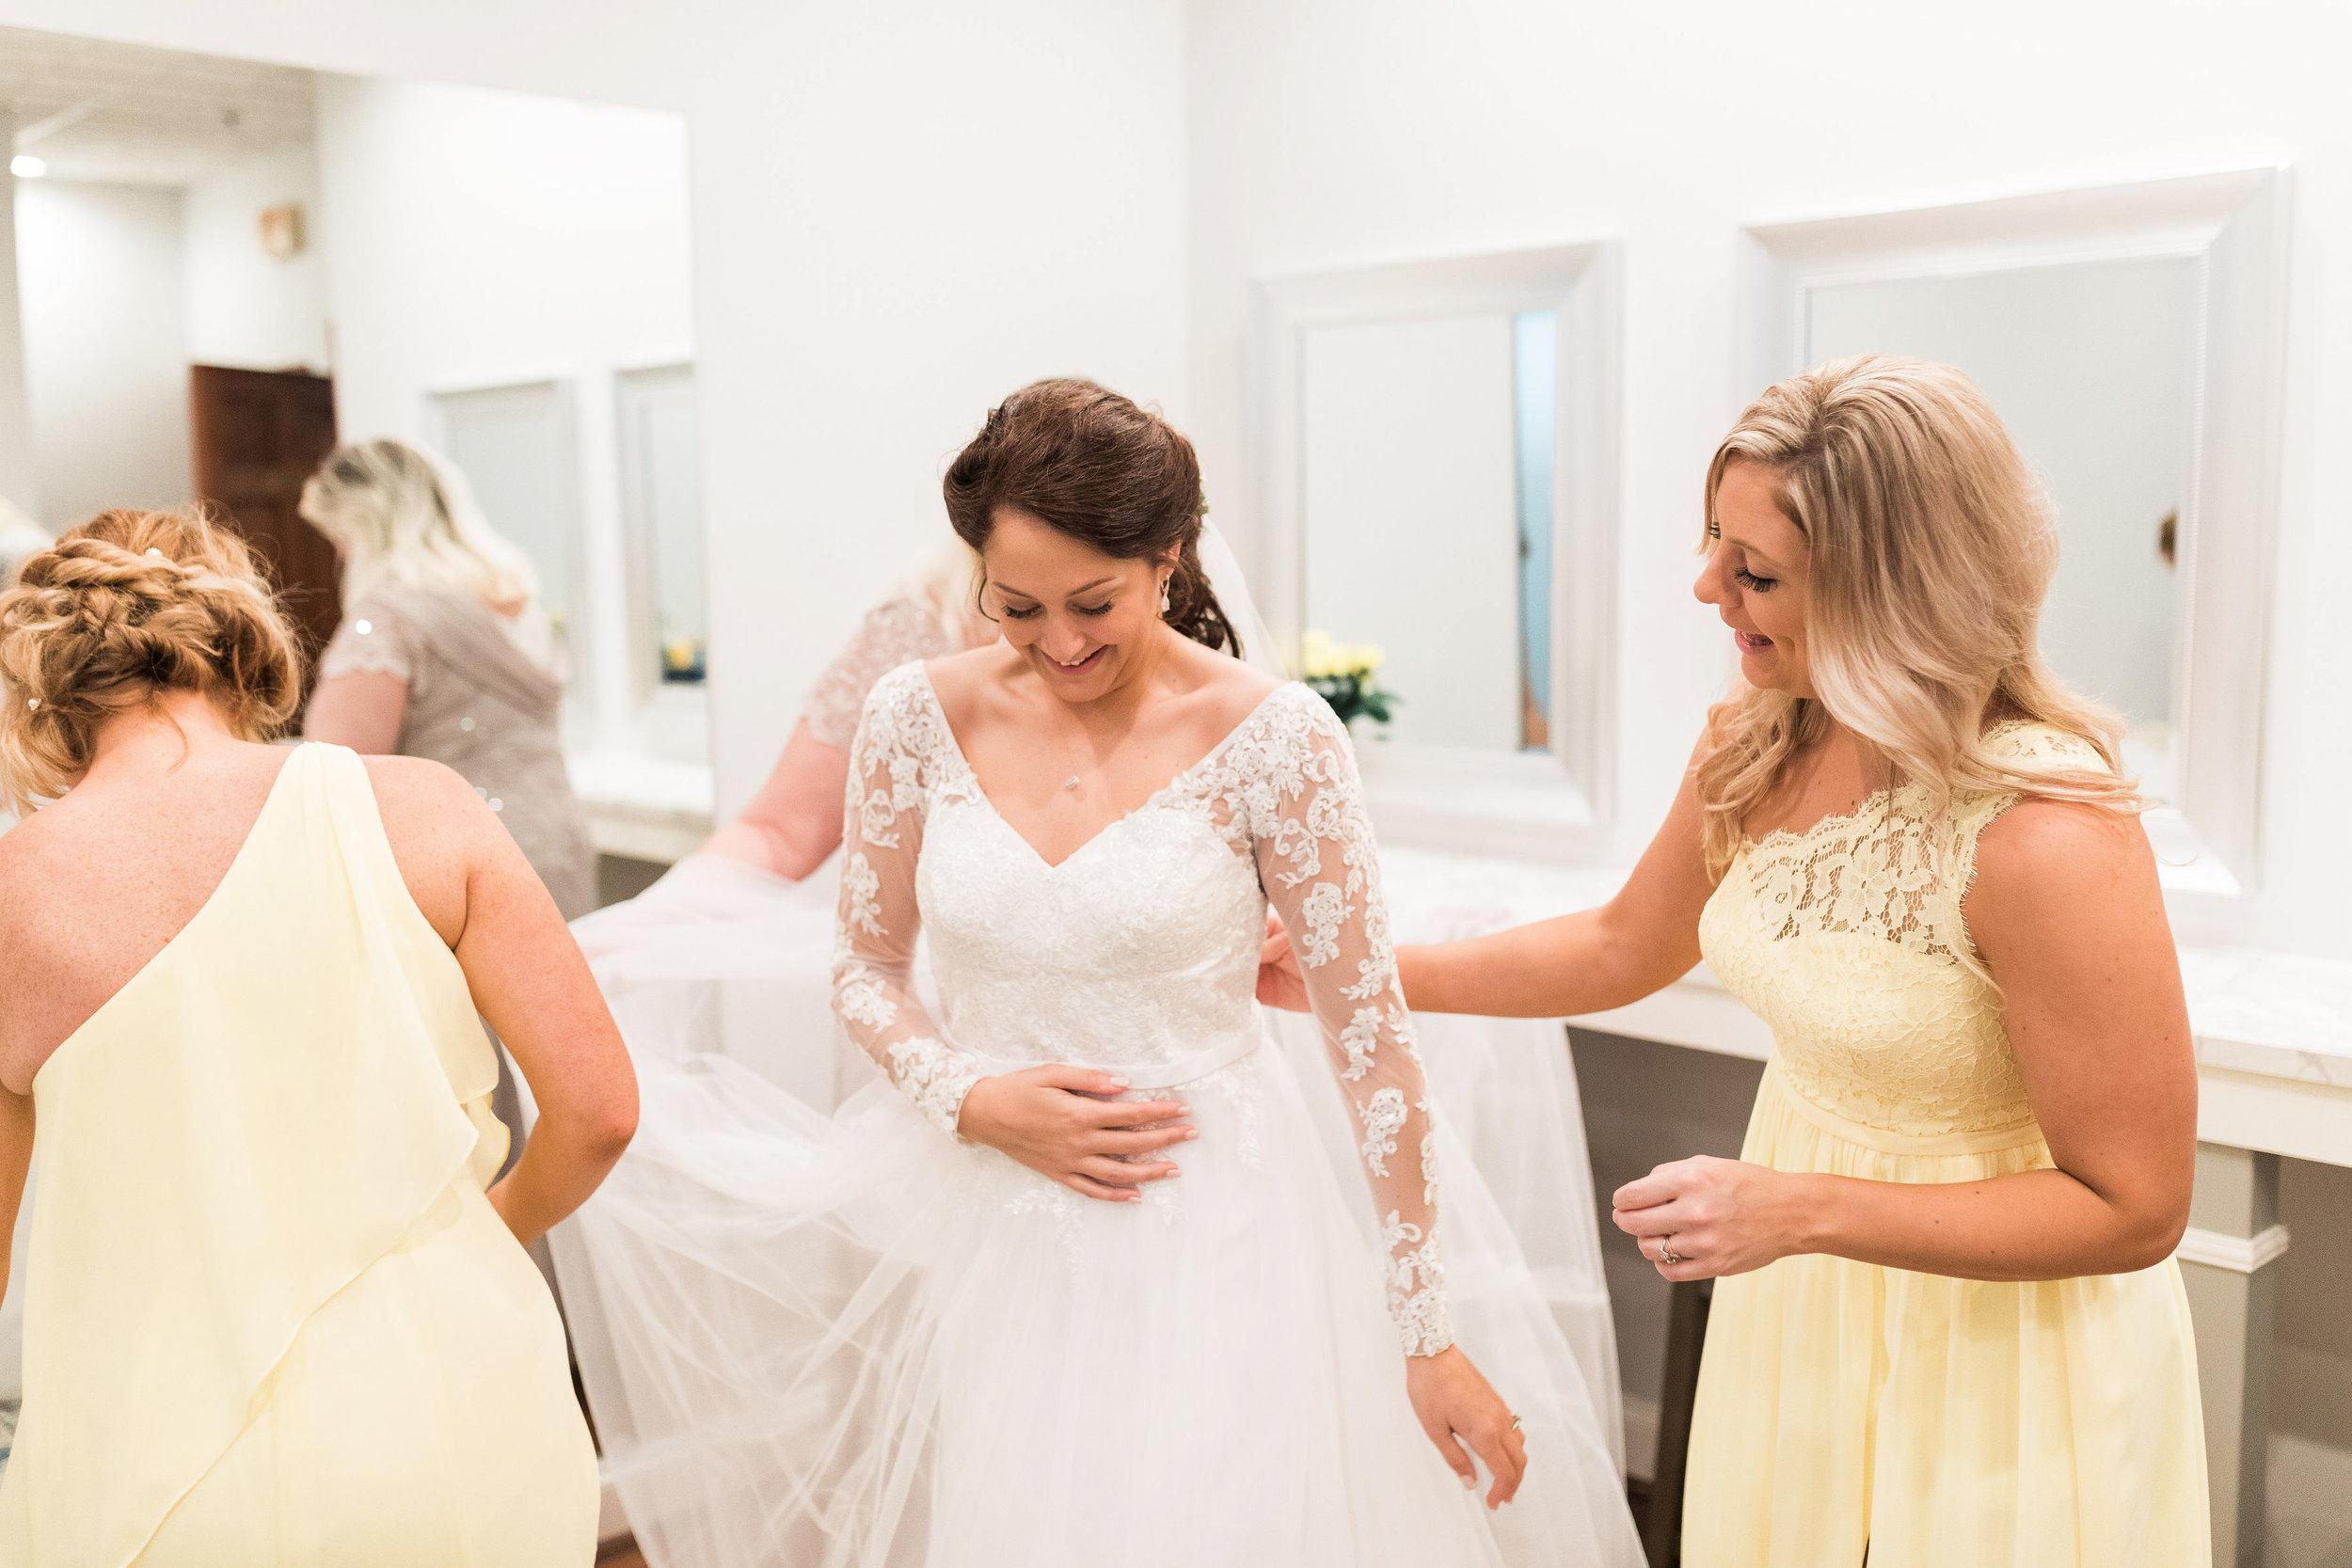 dayton ohio engagement and wedding photographers-5.jpg